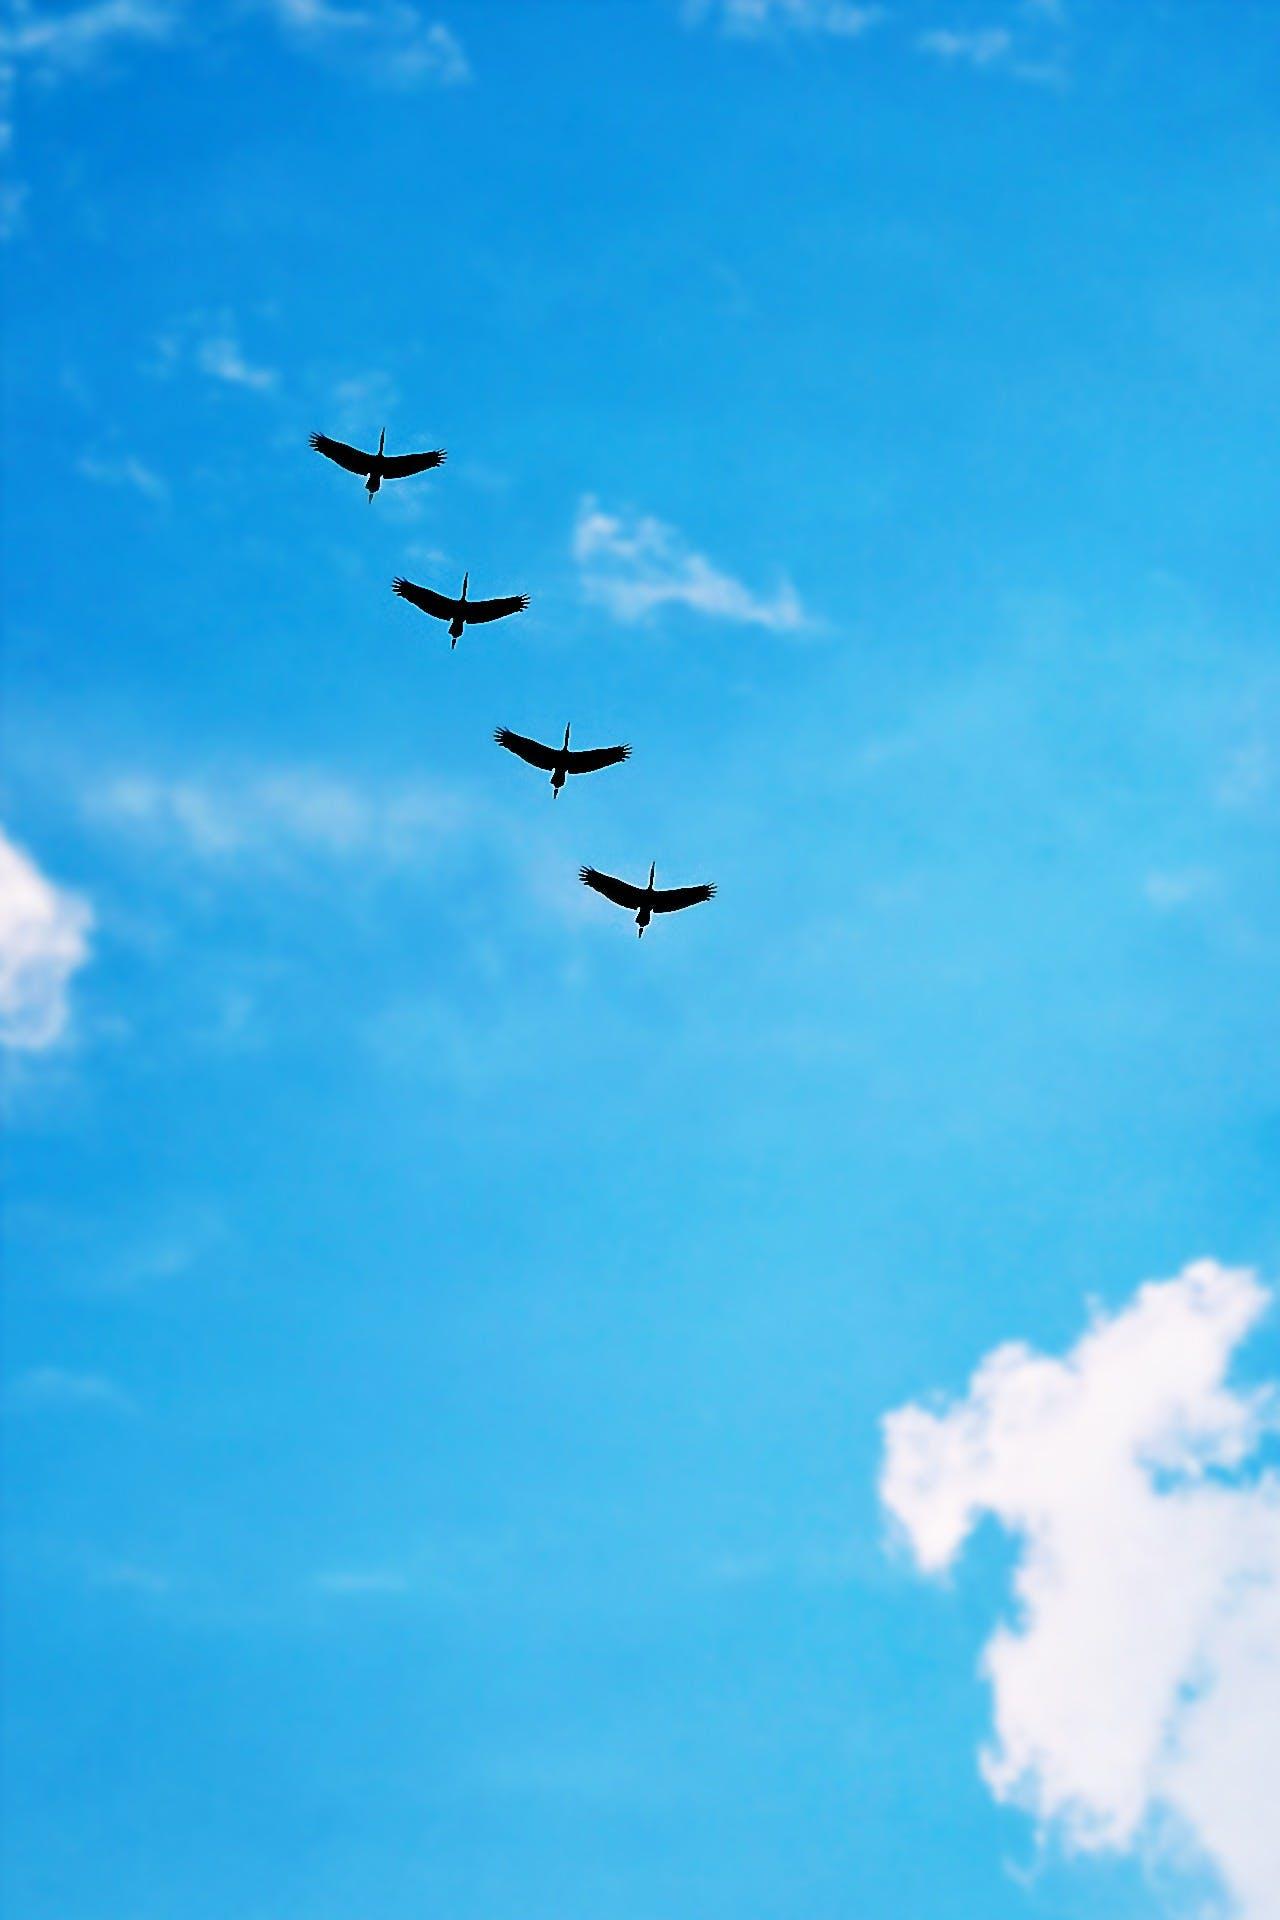 Black Bird Under Blue Calm Sky during Daytime